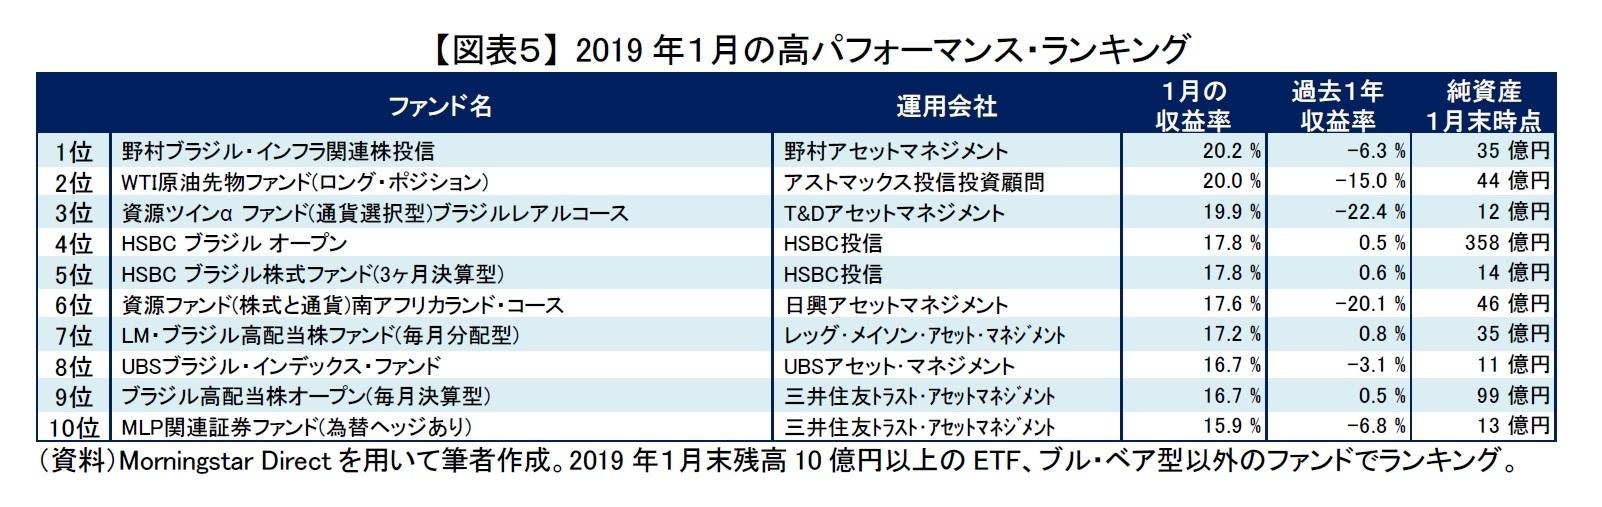 【図表5】 2019年1月の高パフォーマンス・ランキング